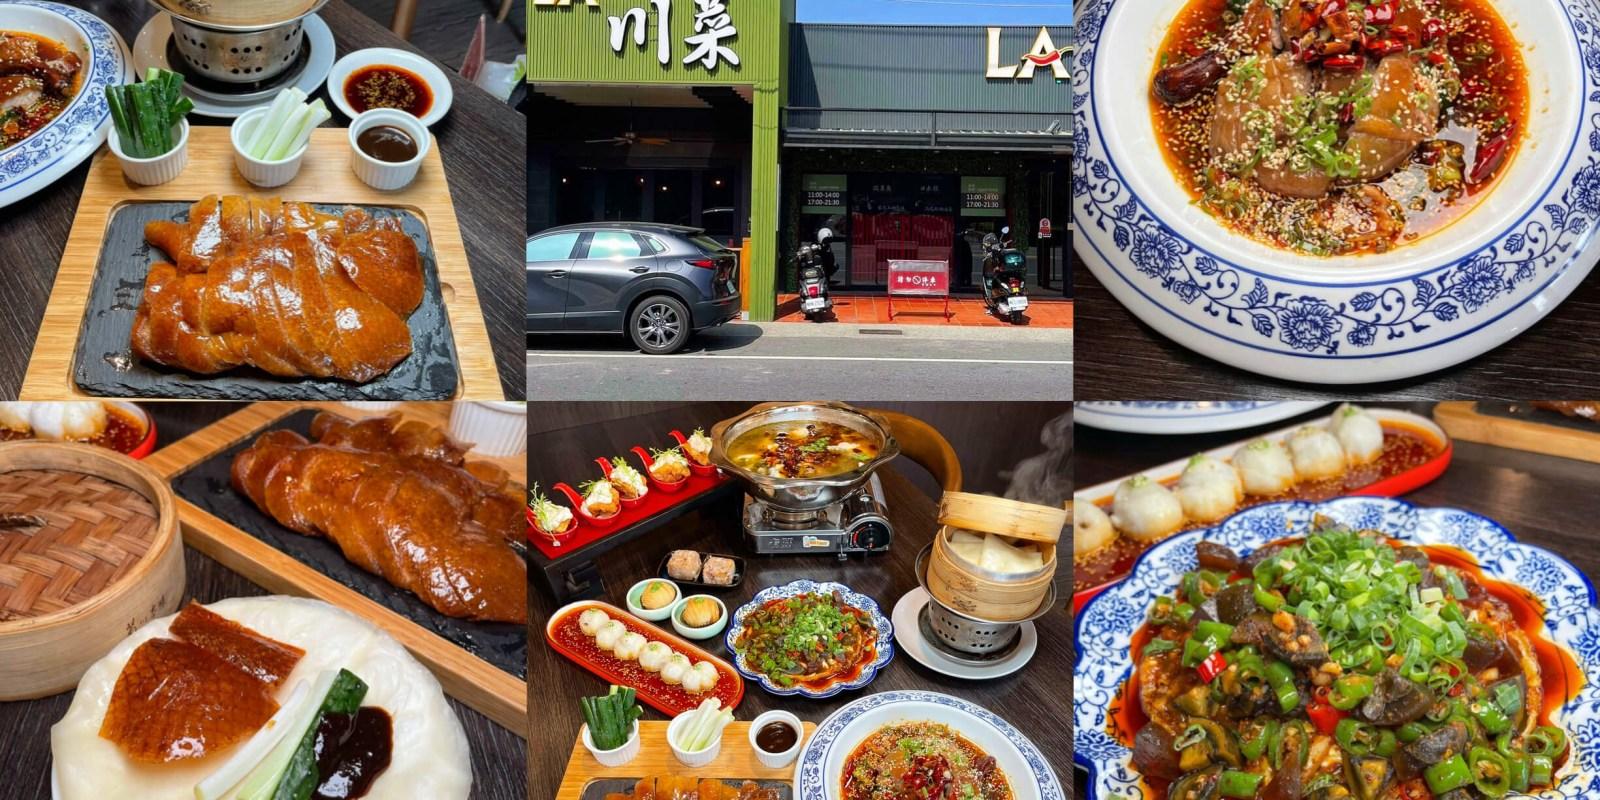 [台南美食] LA時尚川菜 - 把傳統川菜融入台灣後的全新時尚菜系!